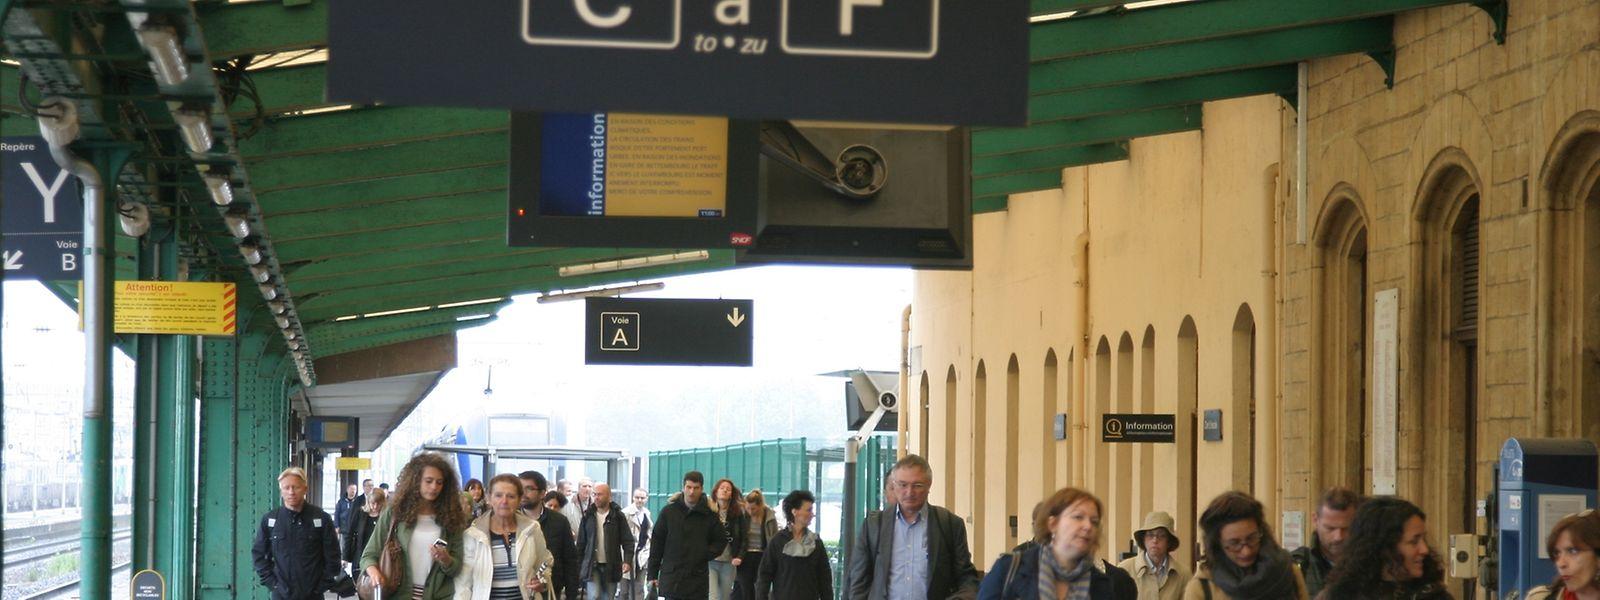 Les trains au départ de Thionville vers Luxembourg le matin sont les plus impactés